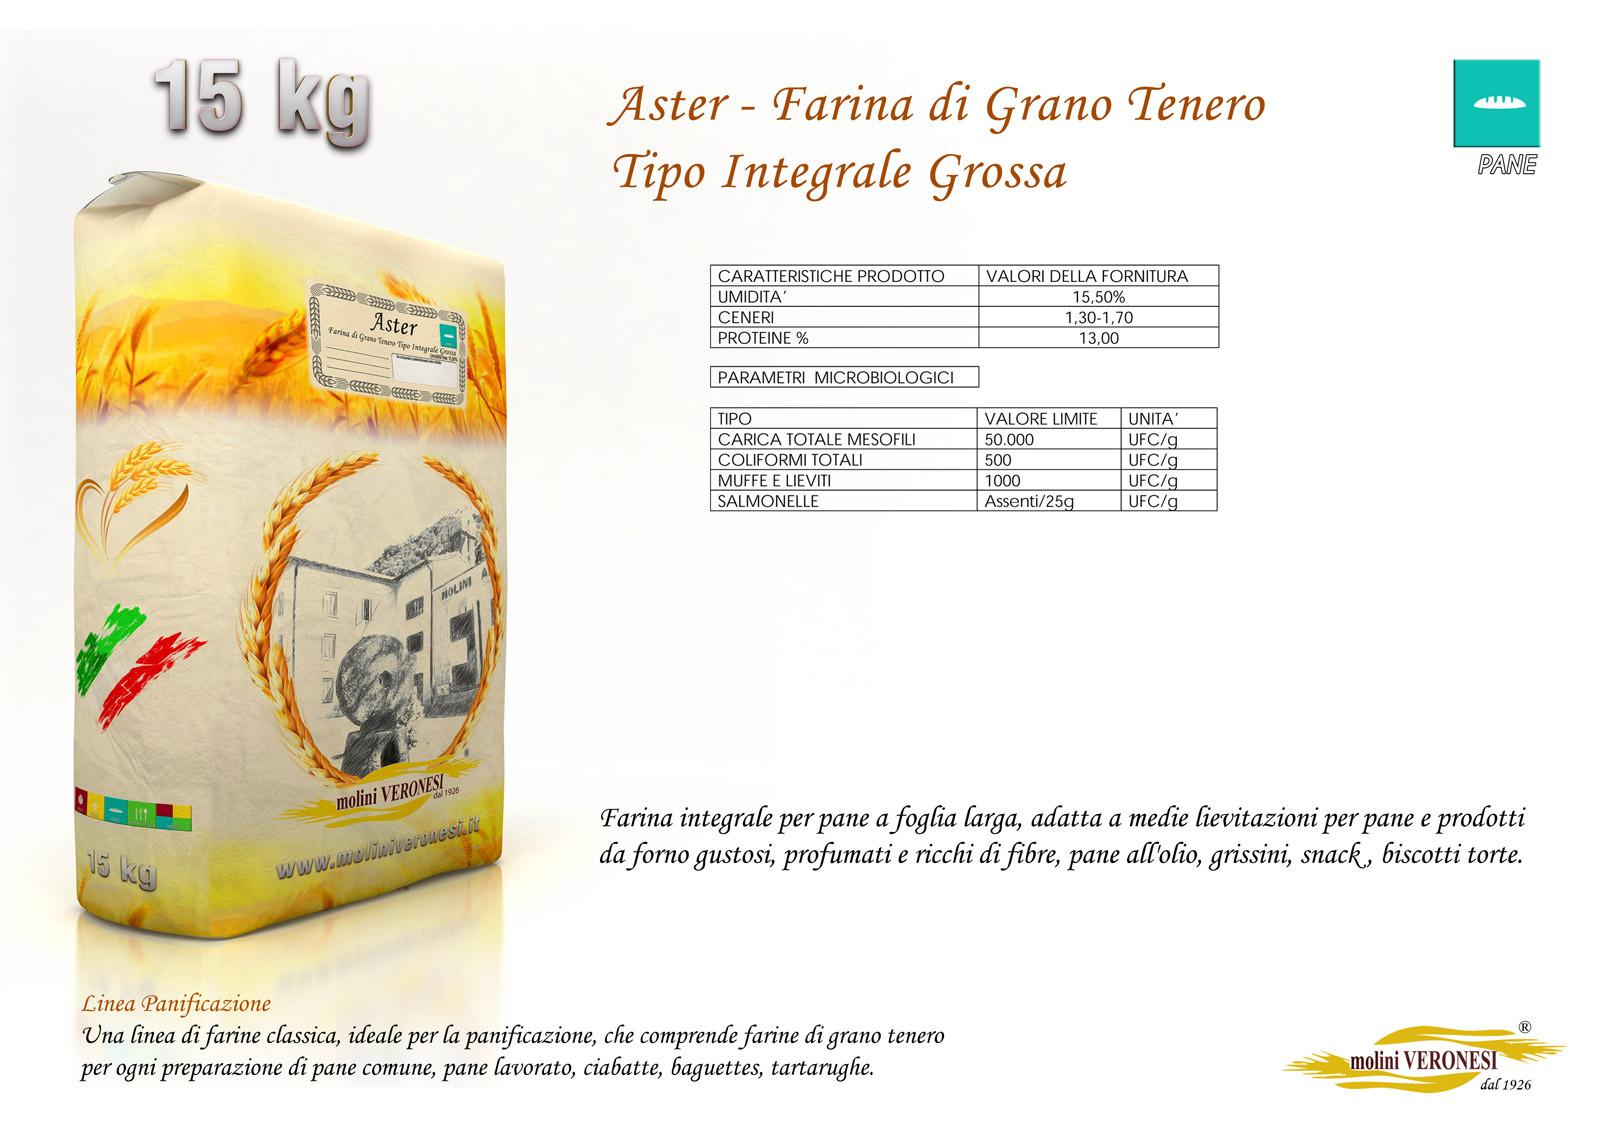 Aster - Farina di Grano Tenero - Tipo Integrale Grossa